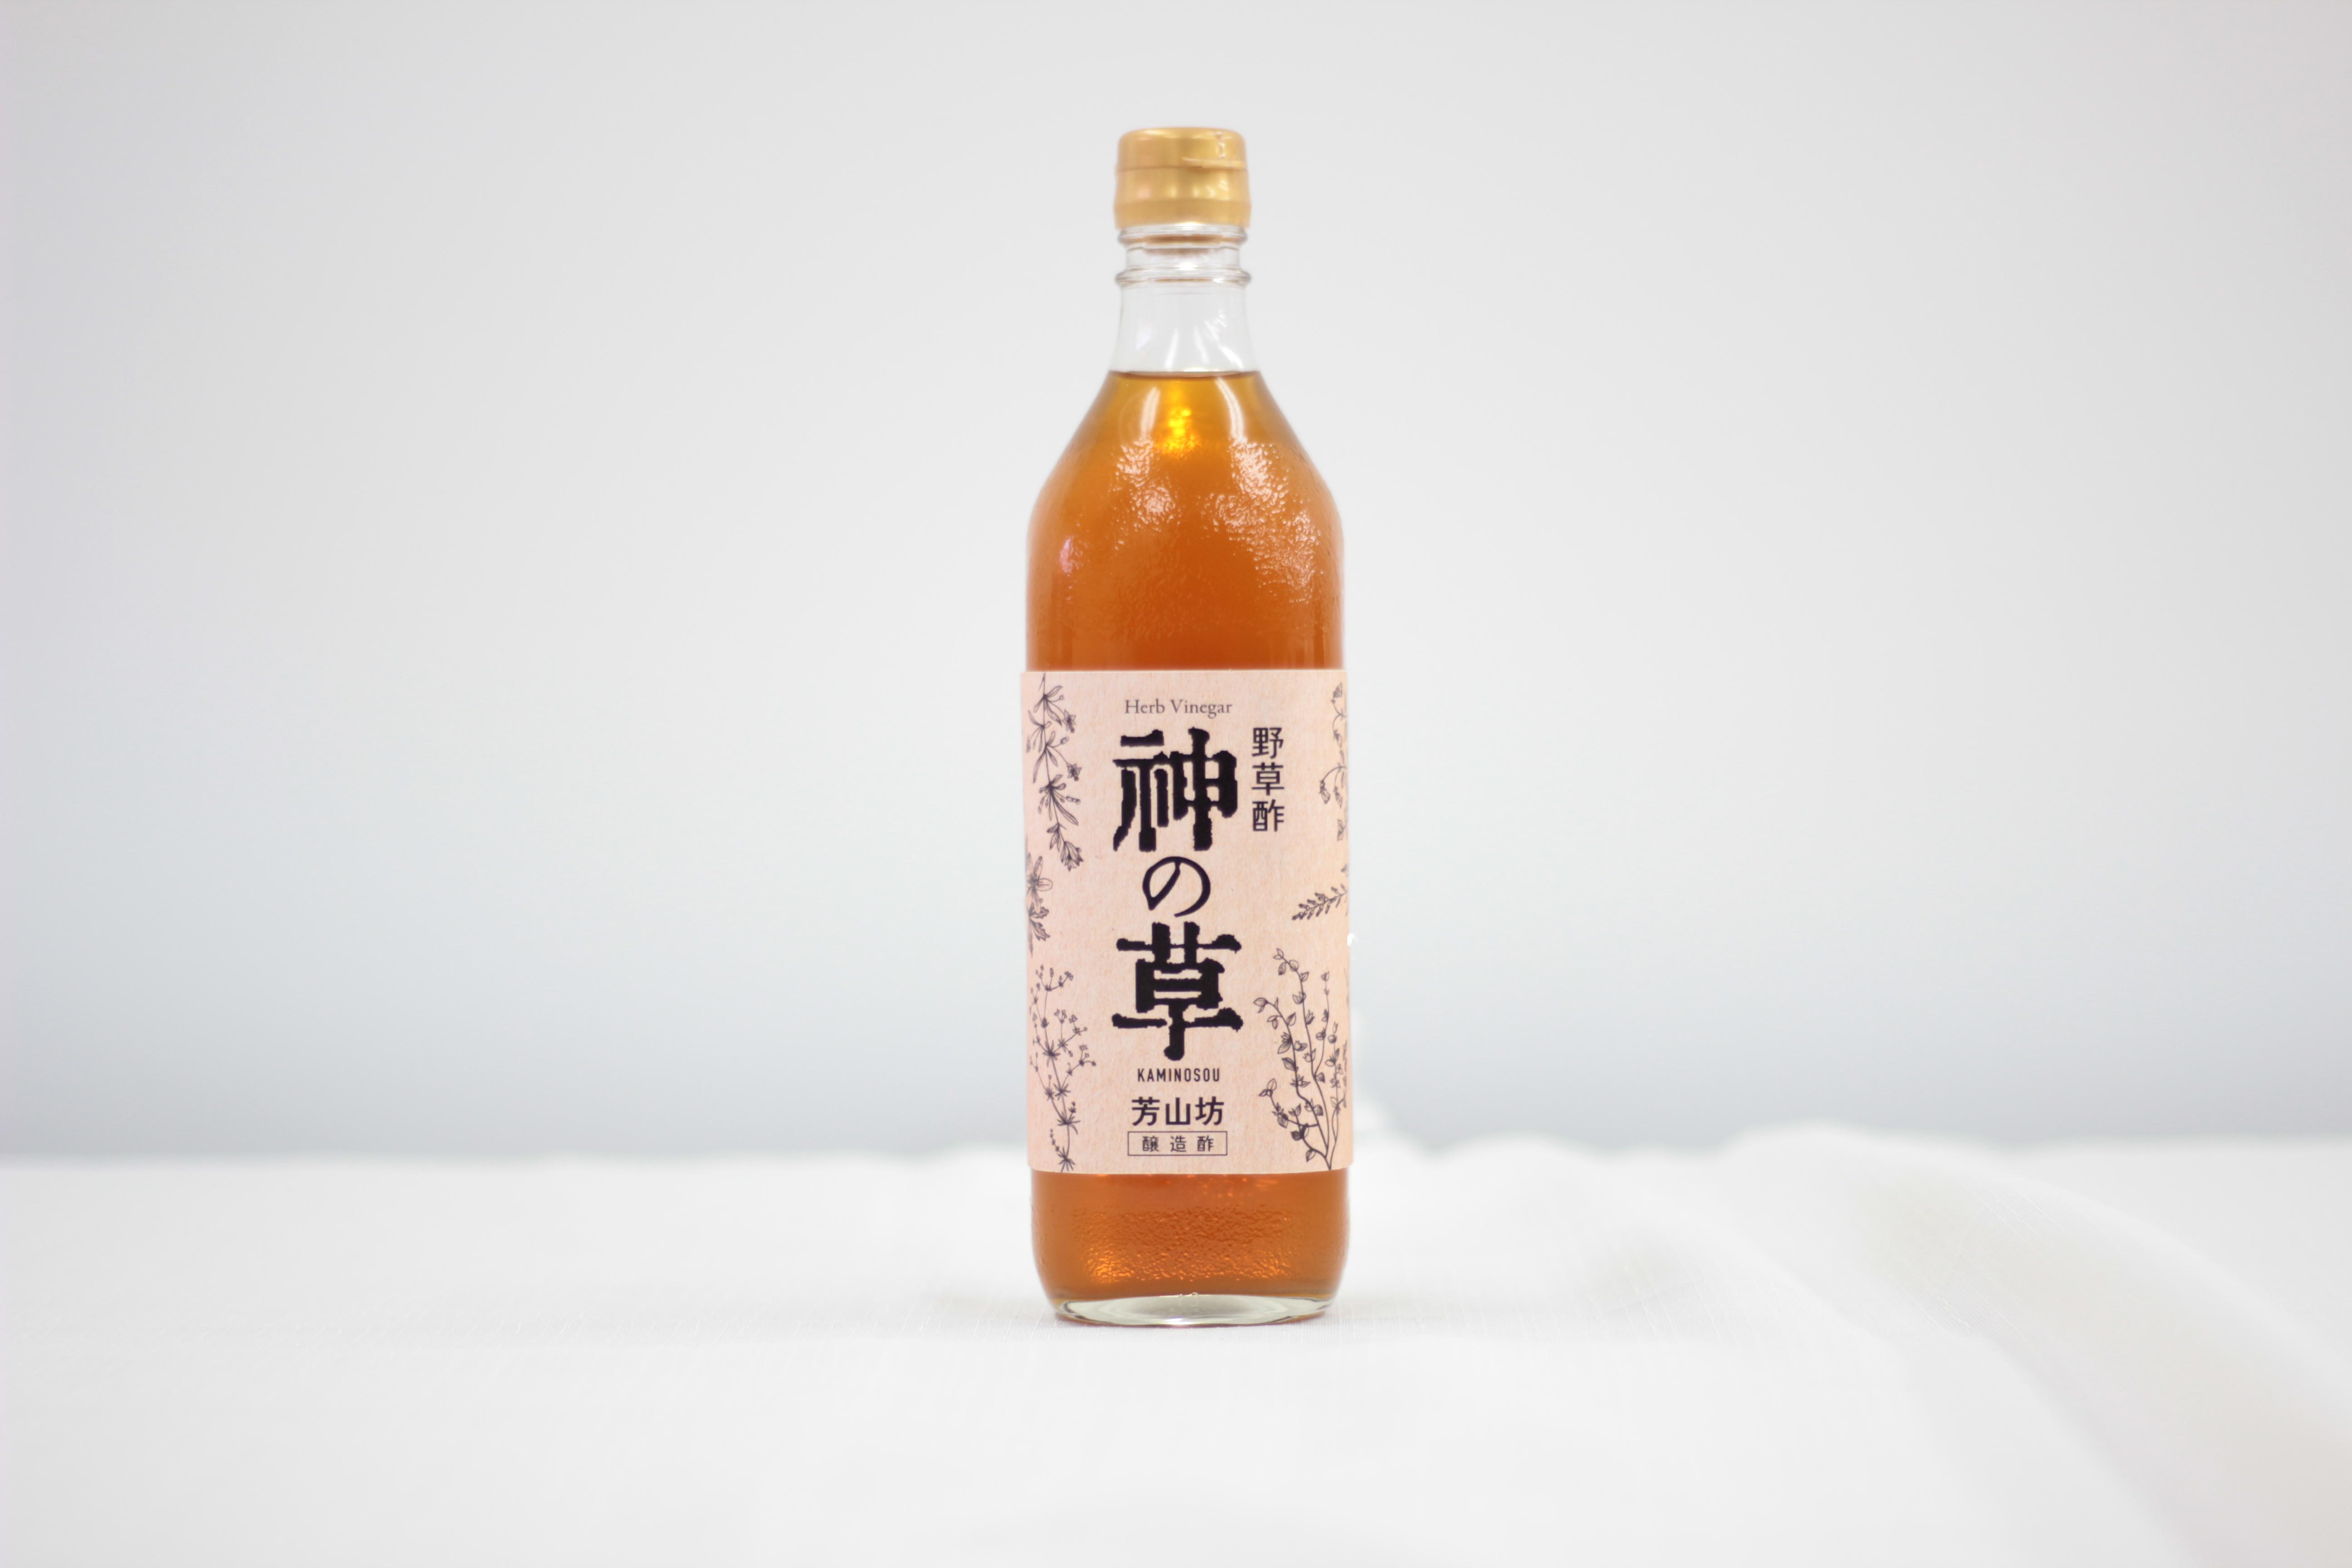 熟成ブレンド【神の草】720ml